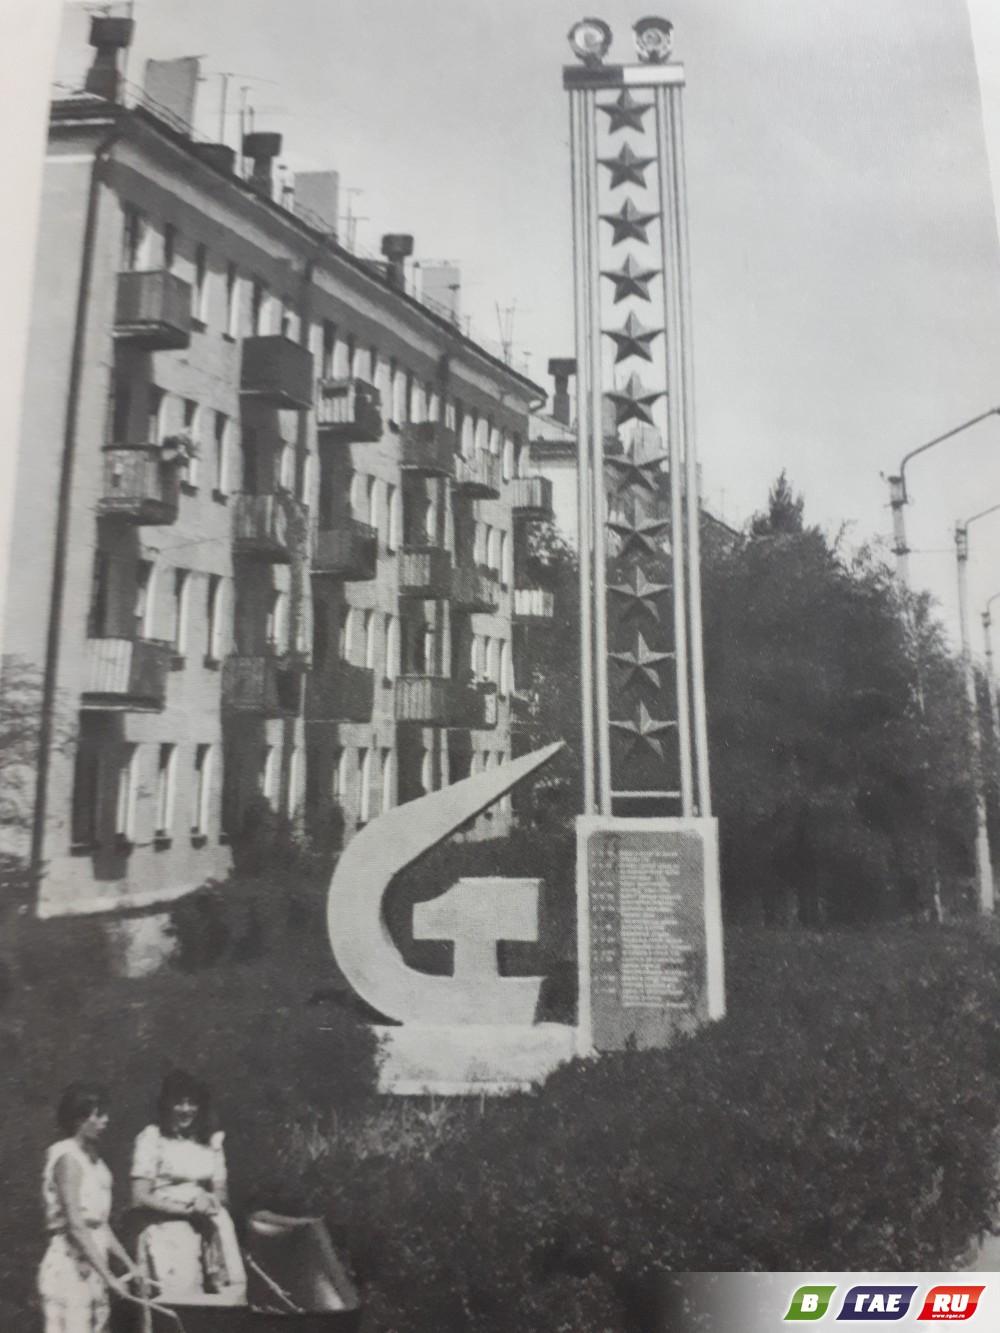 Опубликованы архивные фотографии Гая